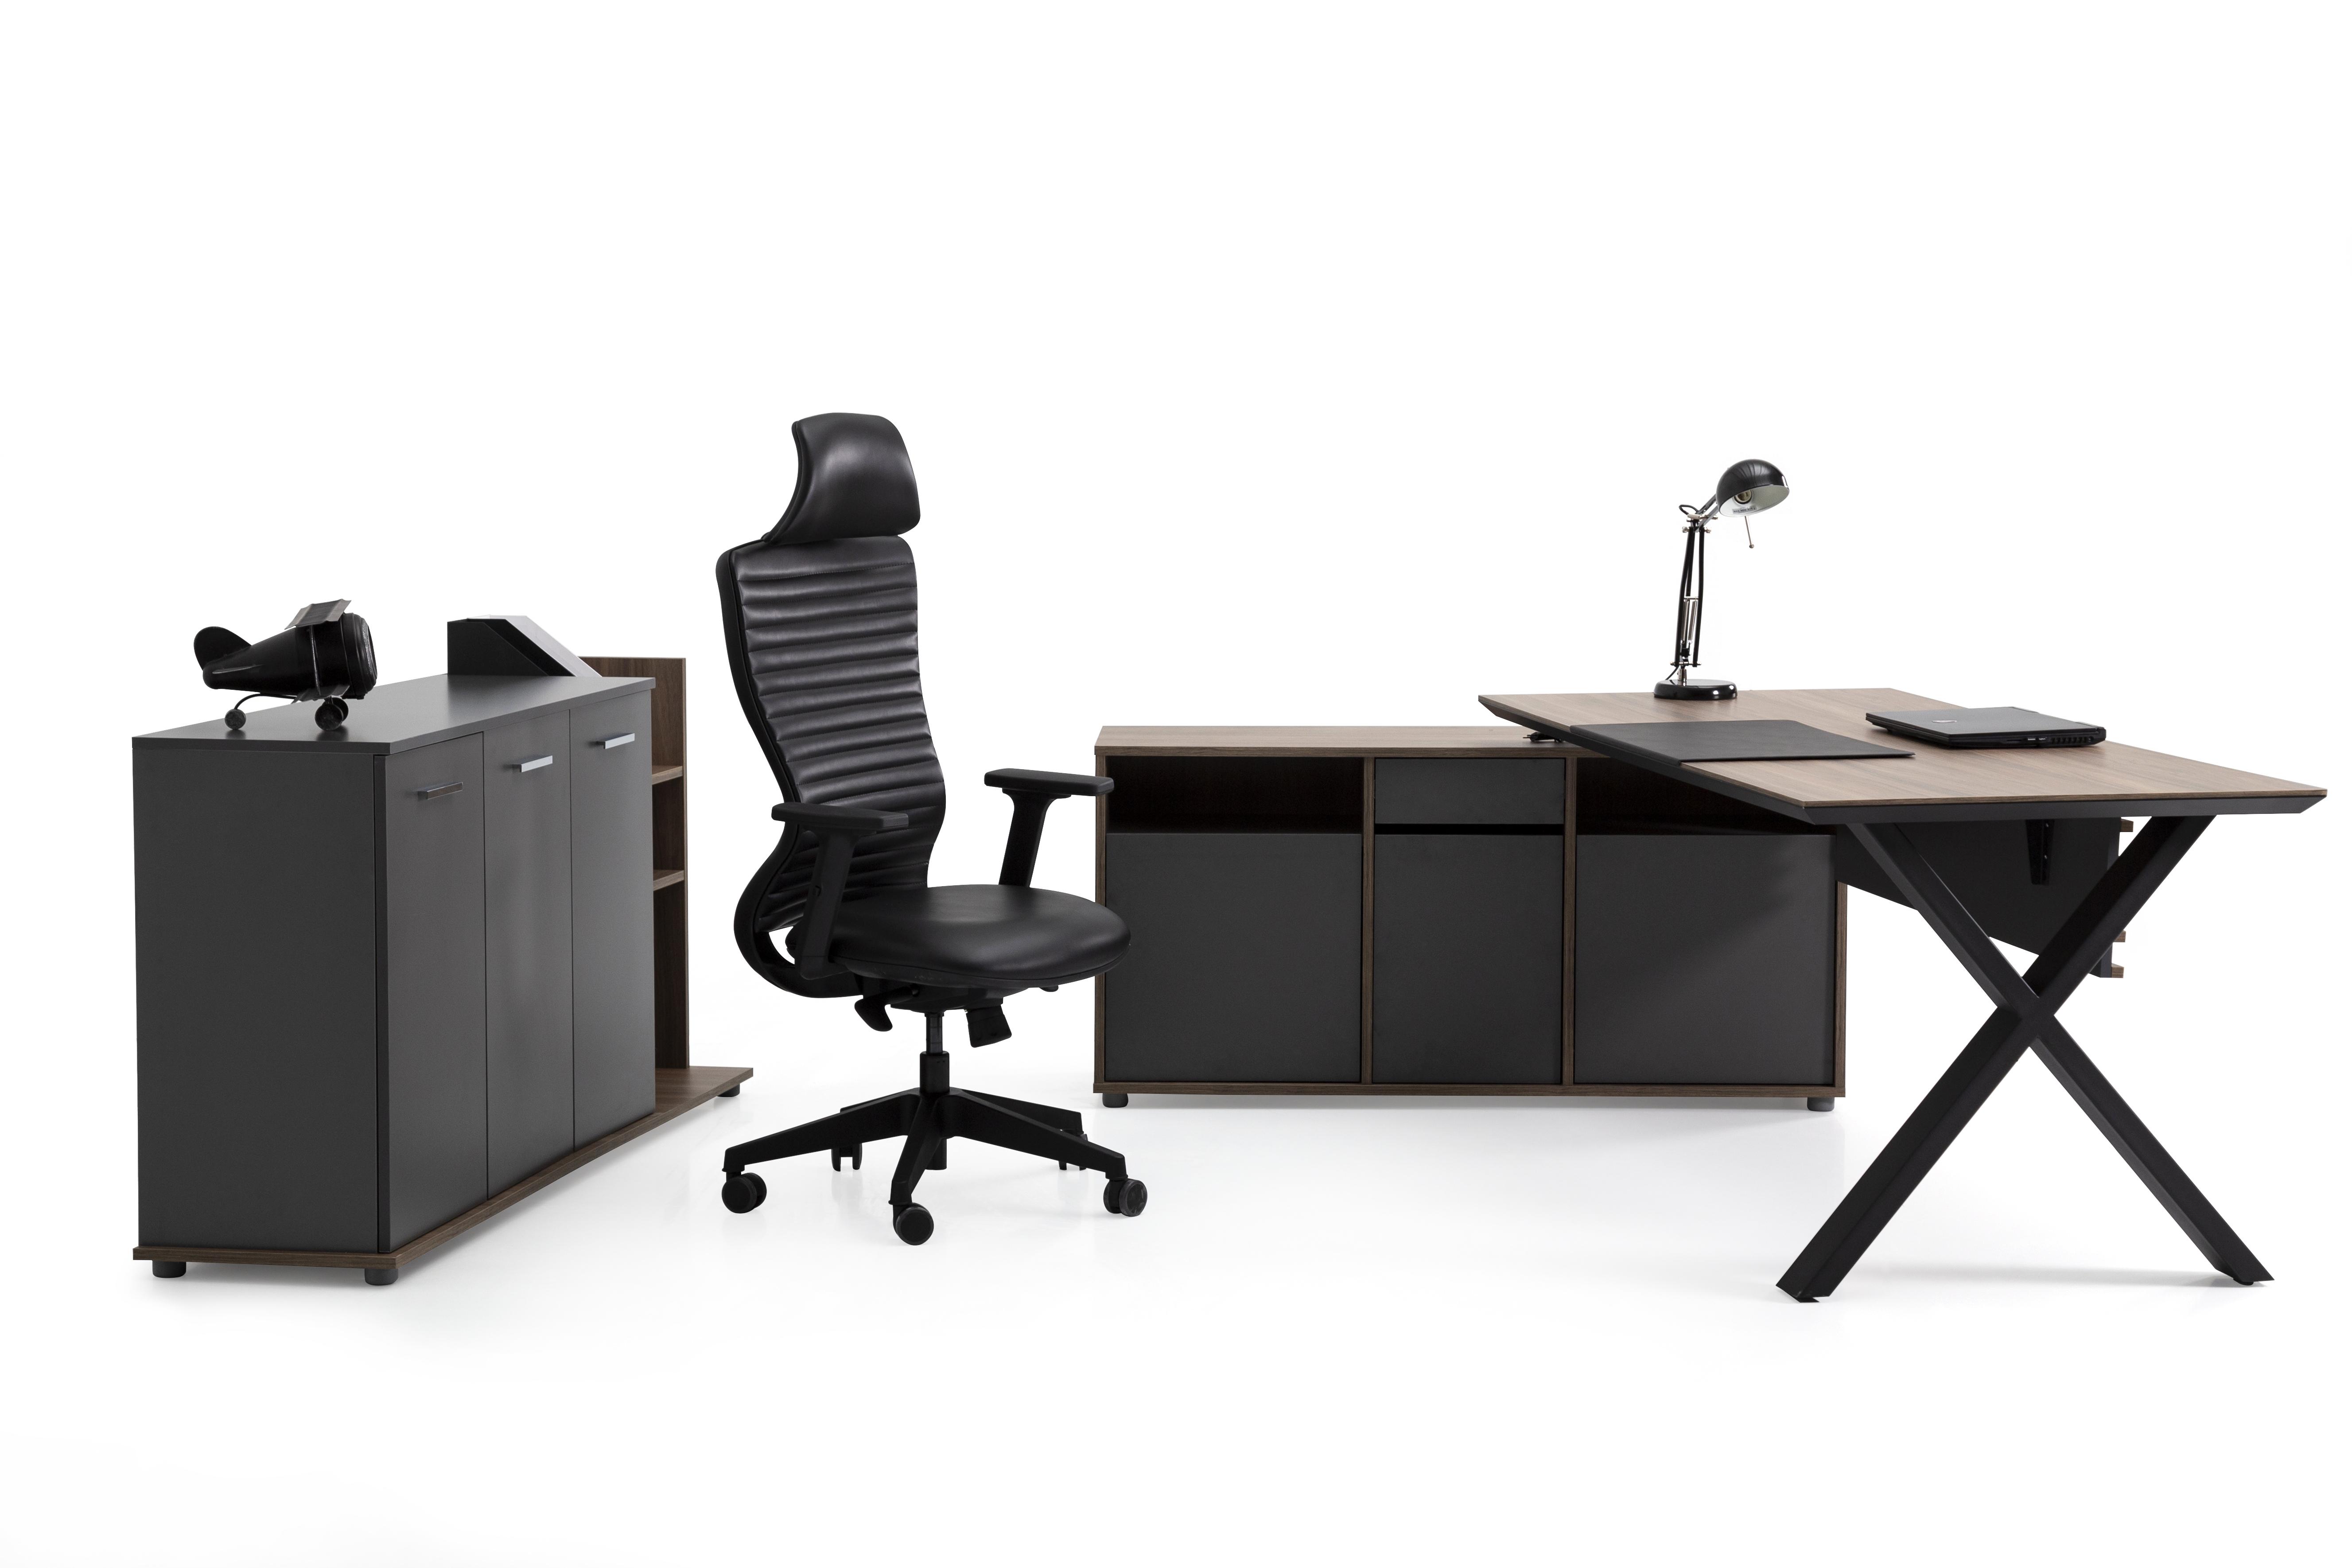 Ovali Schreibtisch Set 3-teilig Vix Anthrazit 180x80 cm